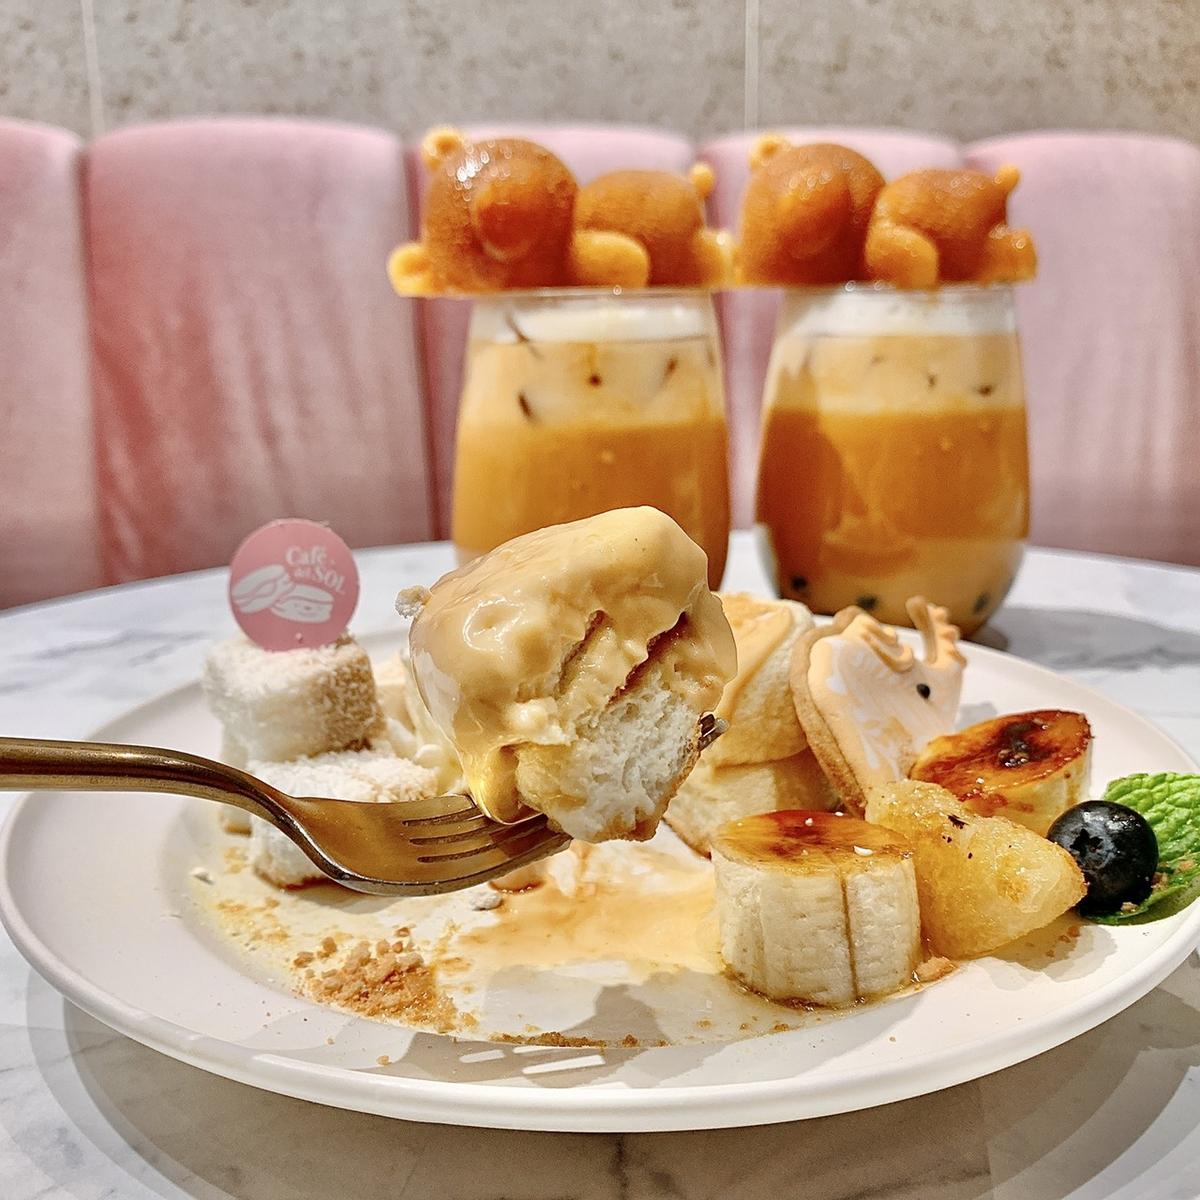 微風信義人氣下午茶Café del SOL限定泰奶套餐推薦!「舒芙蕾鬆餅+焦糖嫩布丁」泰味十足,還有「泰式熊熊奶茶」散發療癒萌力